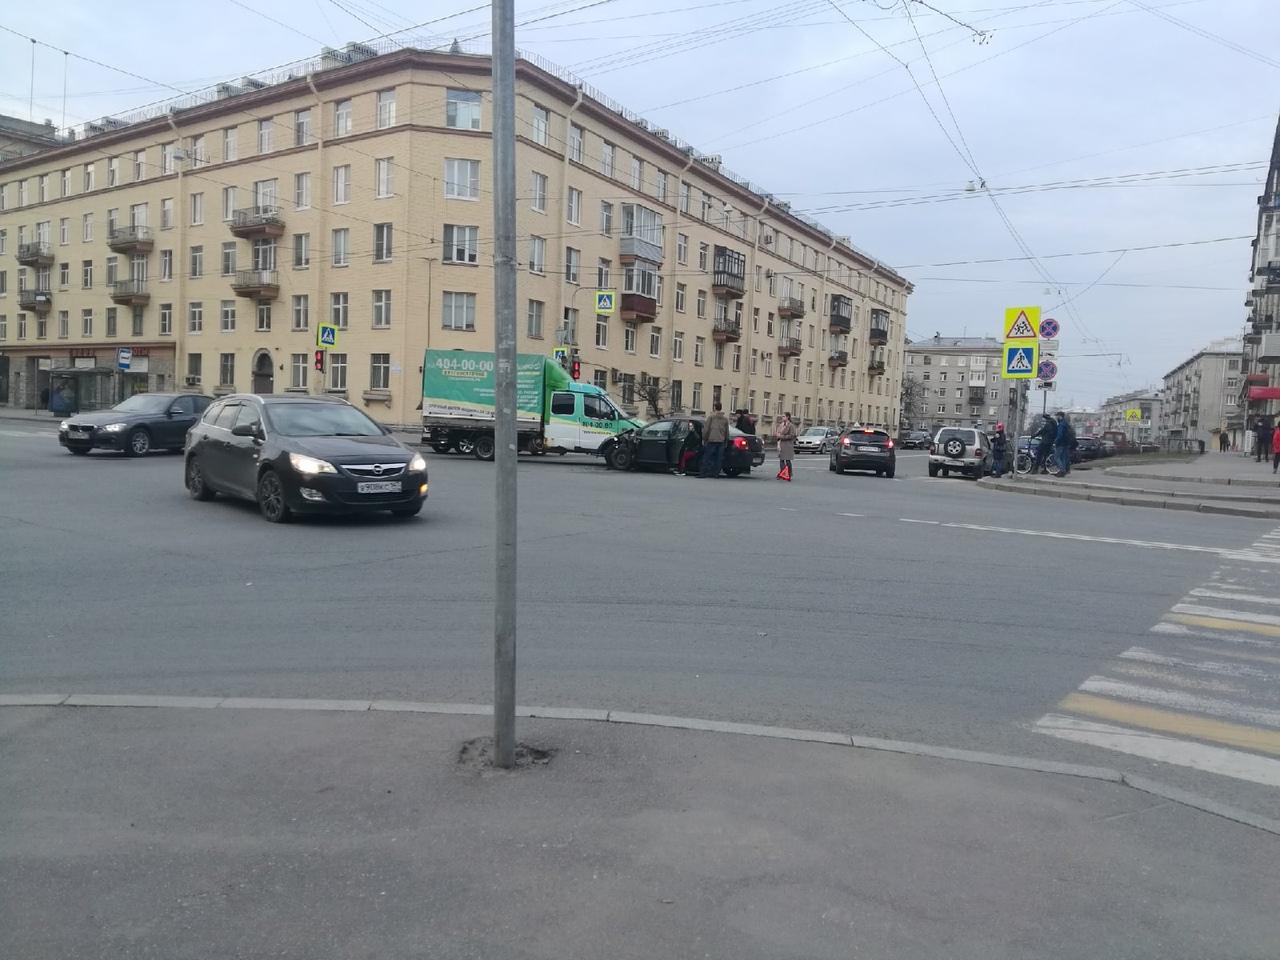 Дтп на пересечении Краснопутиловской и Зайцева. Все живы. Пассажир с переднего сидения в крови, лежи...